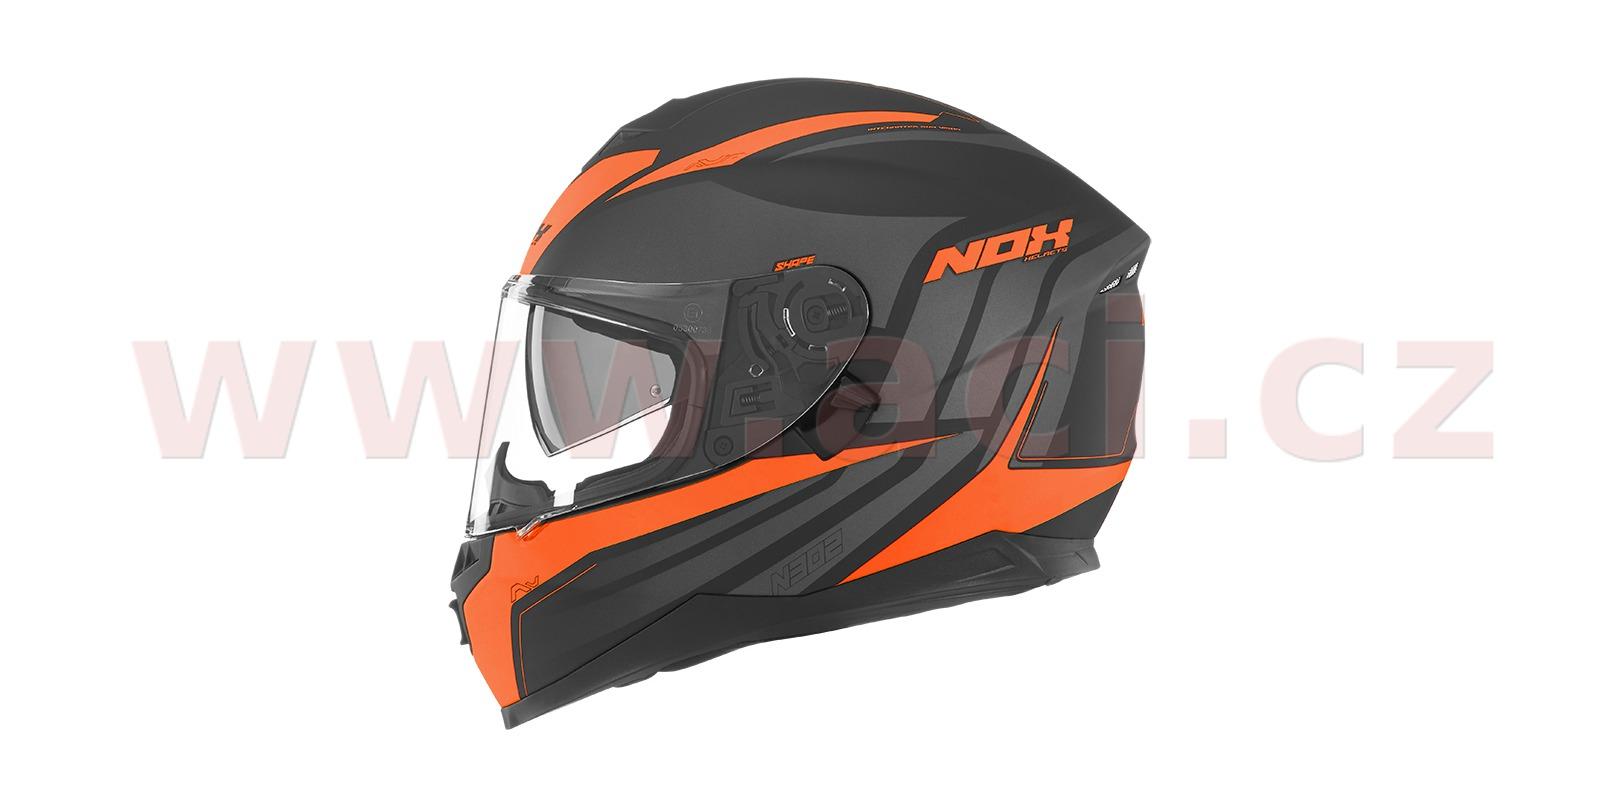 přilba N302 Shape, NOX (černá/oranžová)